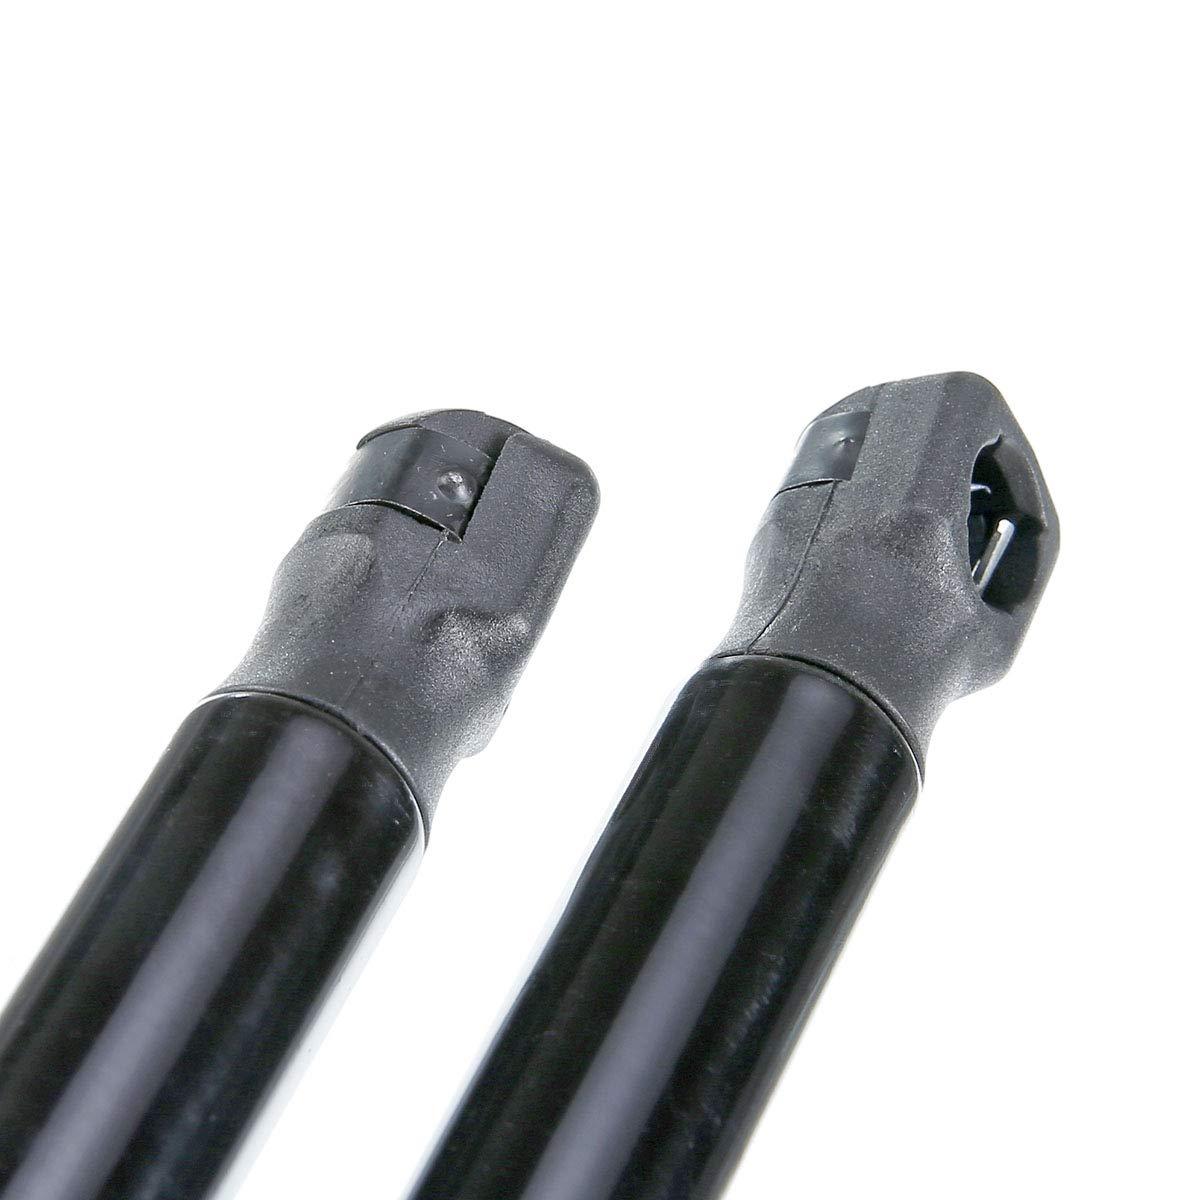 2 amortiguadores de gas para port/ón trasero para Corsa E 2014-2019 13428038